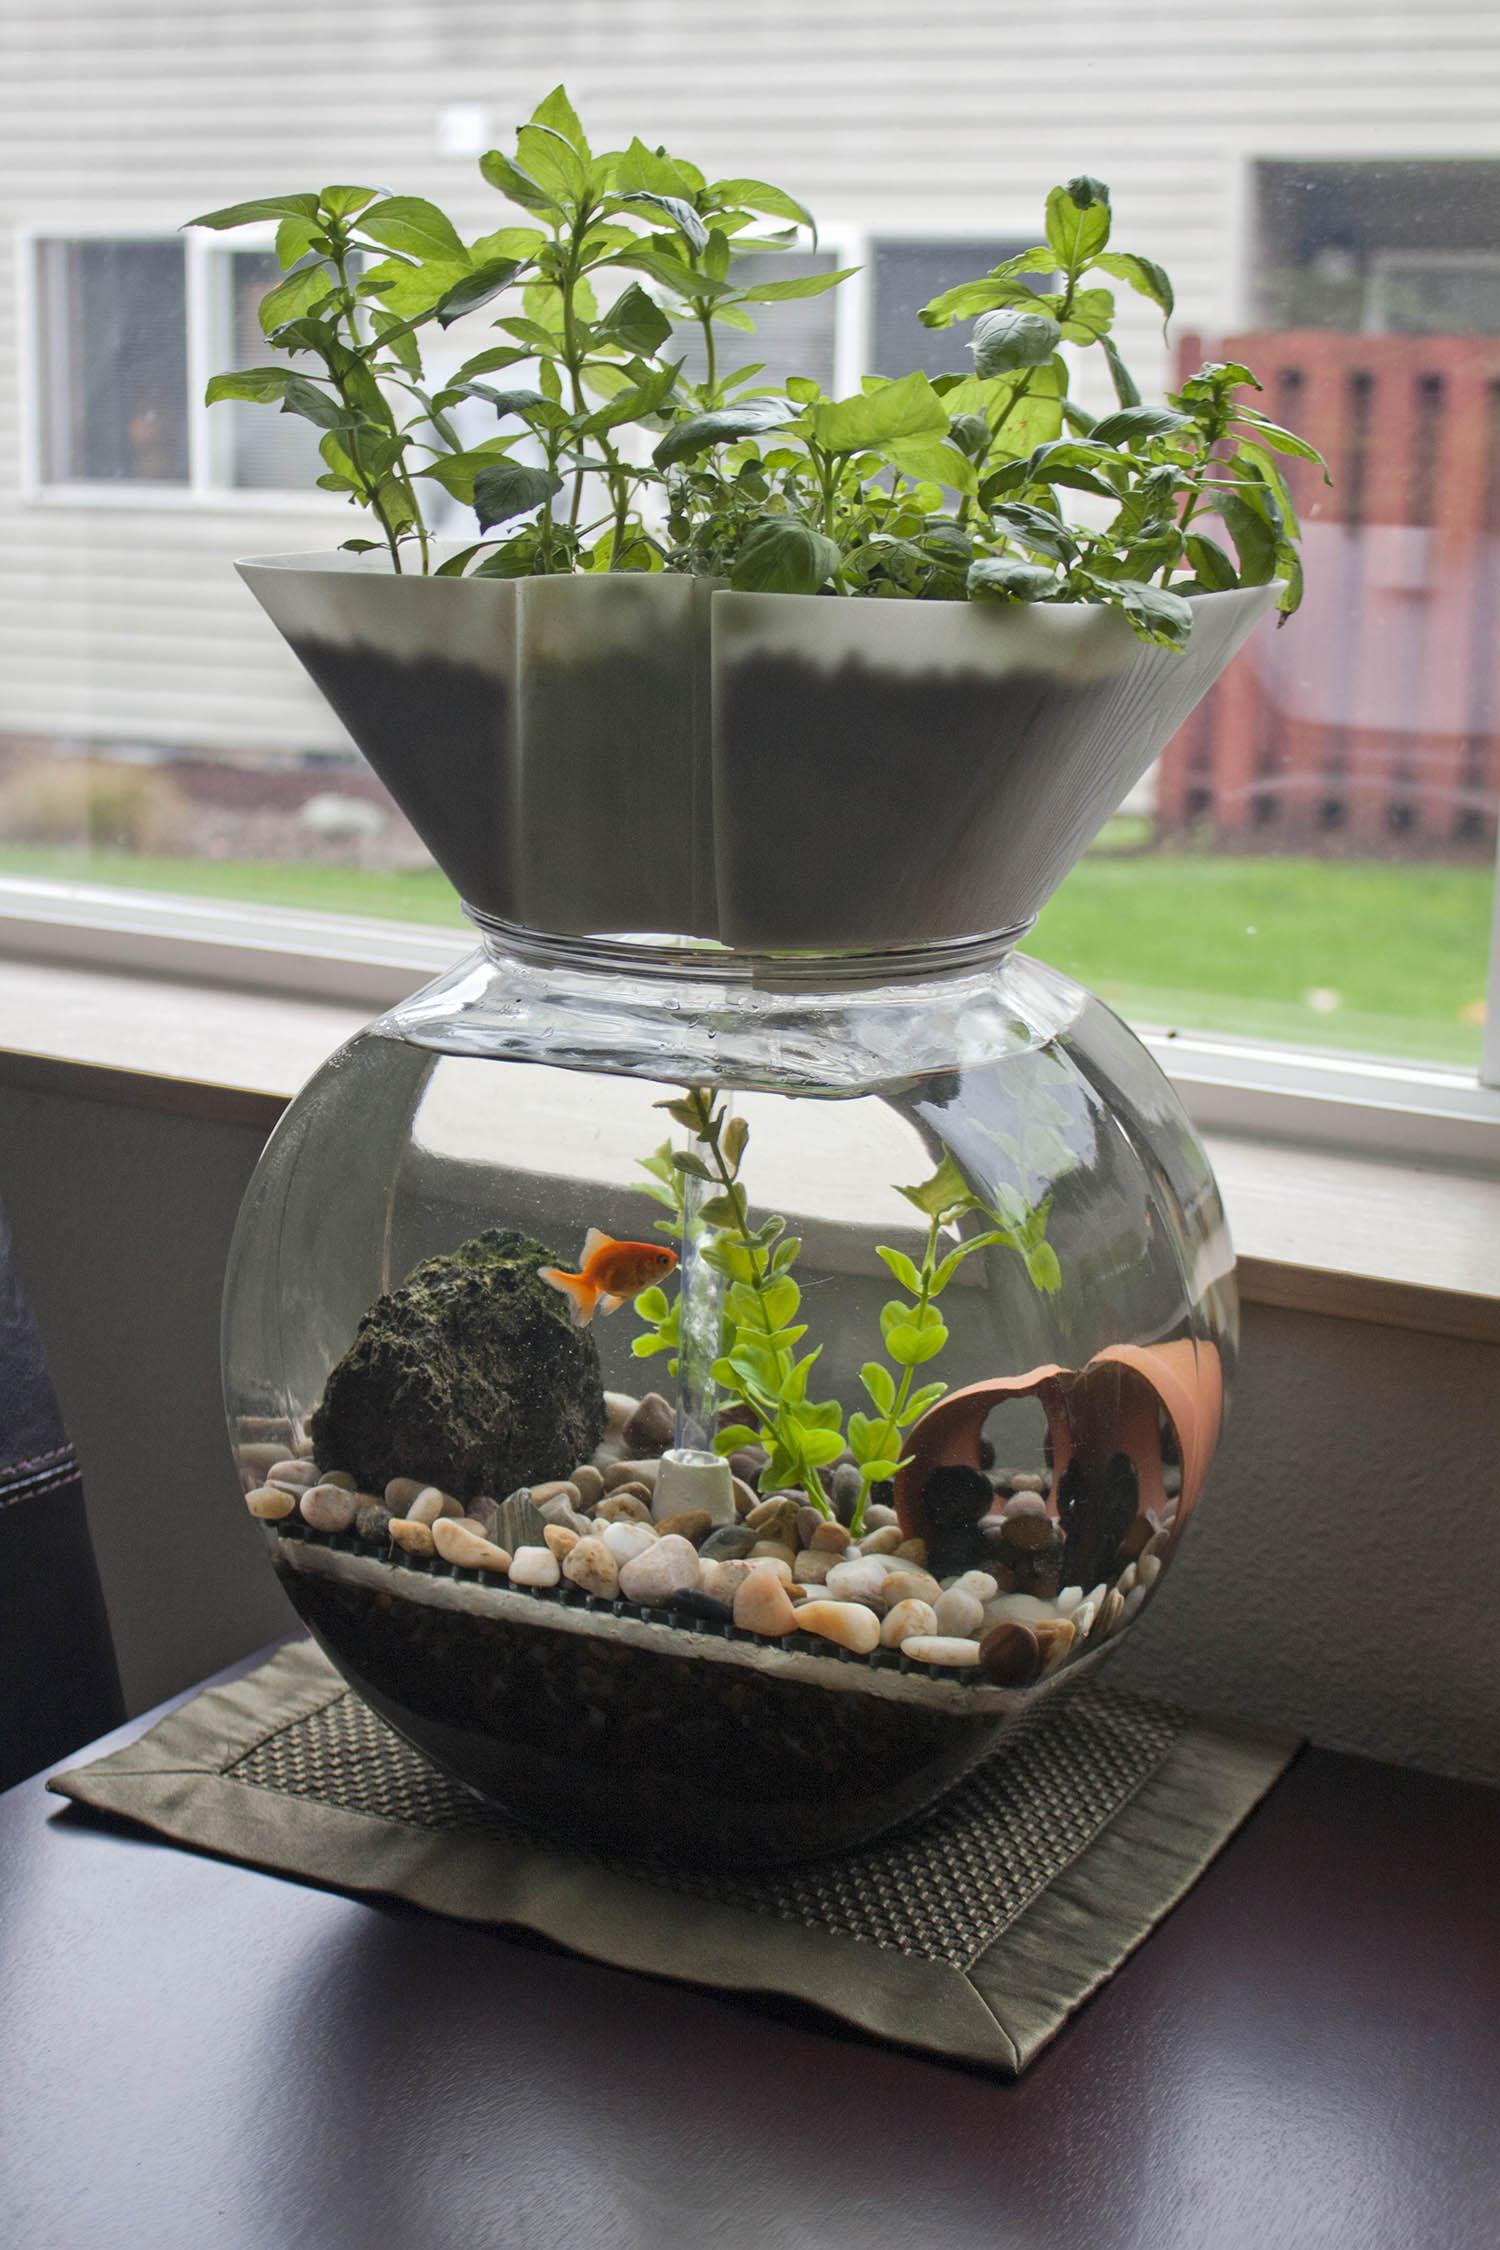 Tout ce que vous devez savoir sur l aquaponie for Best fish for hydroponics